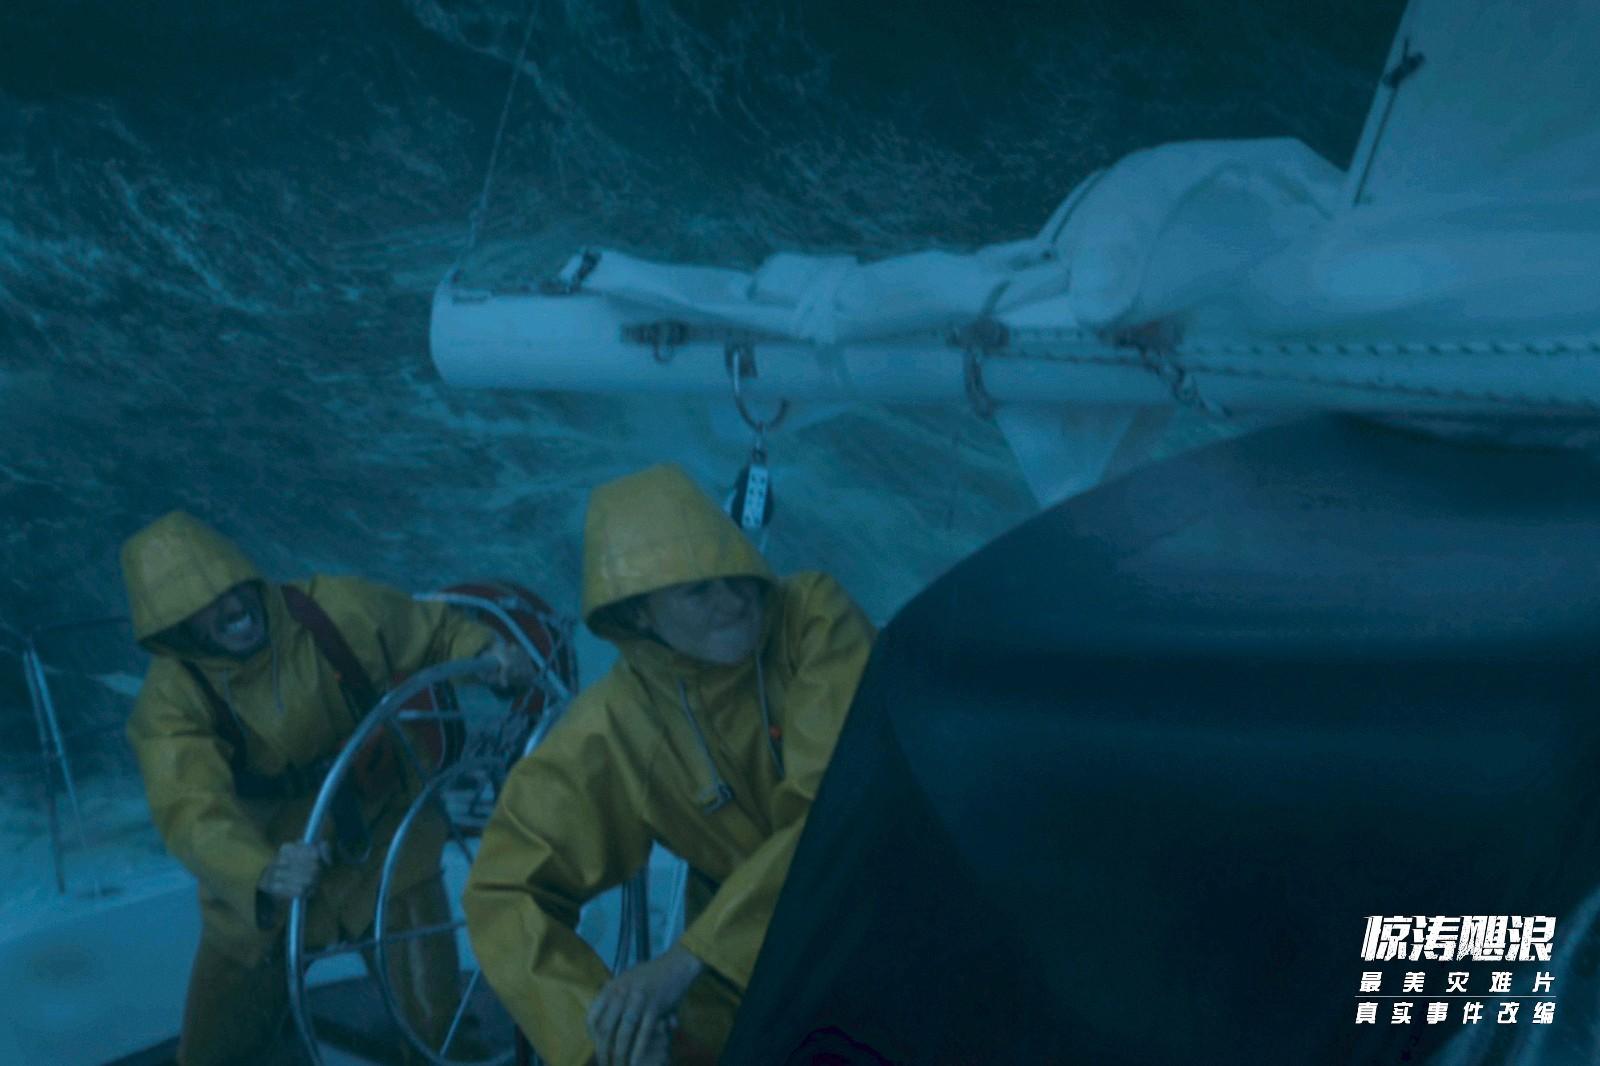 飓风海难亲历者当影片顾问 电影《惊涛飓浪》重现1983年太平洋难